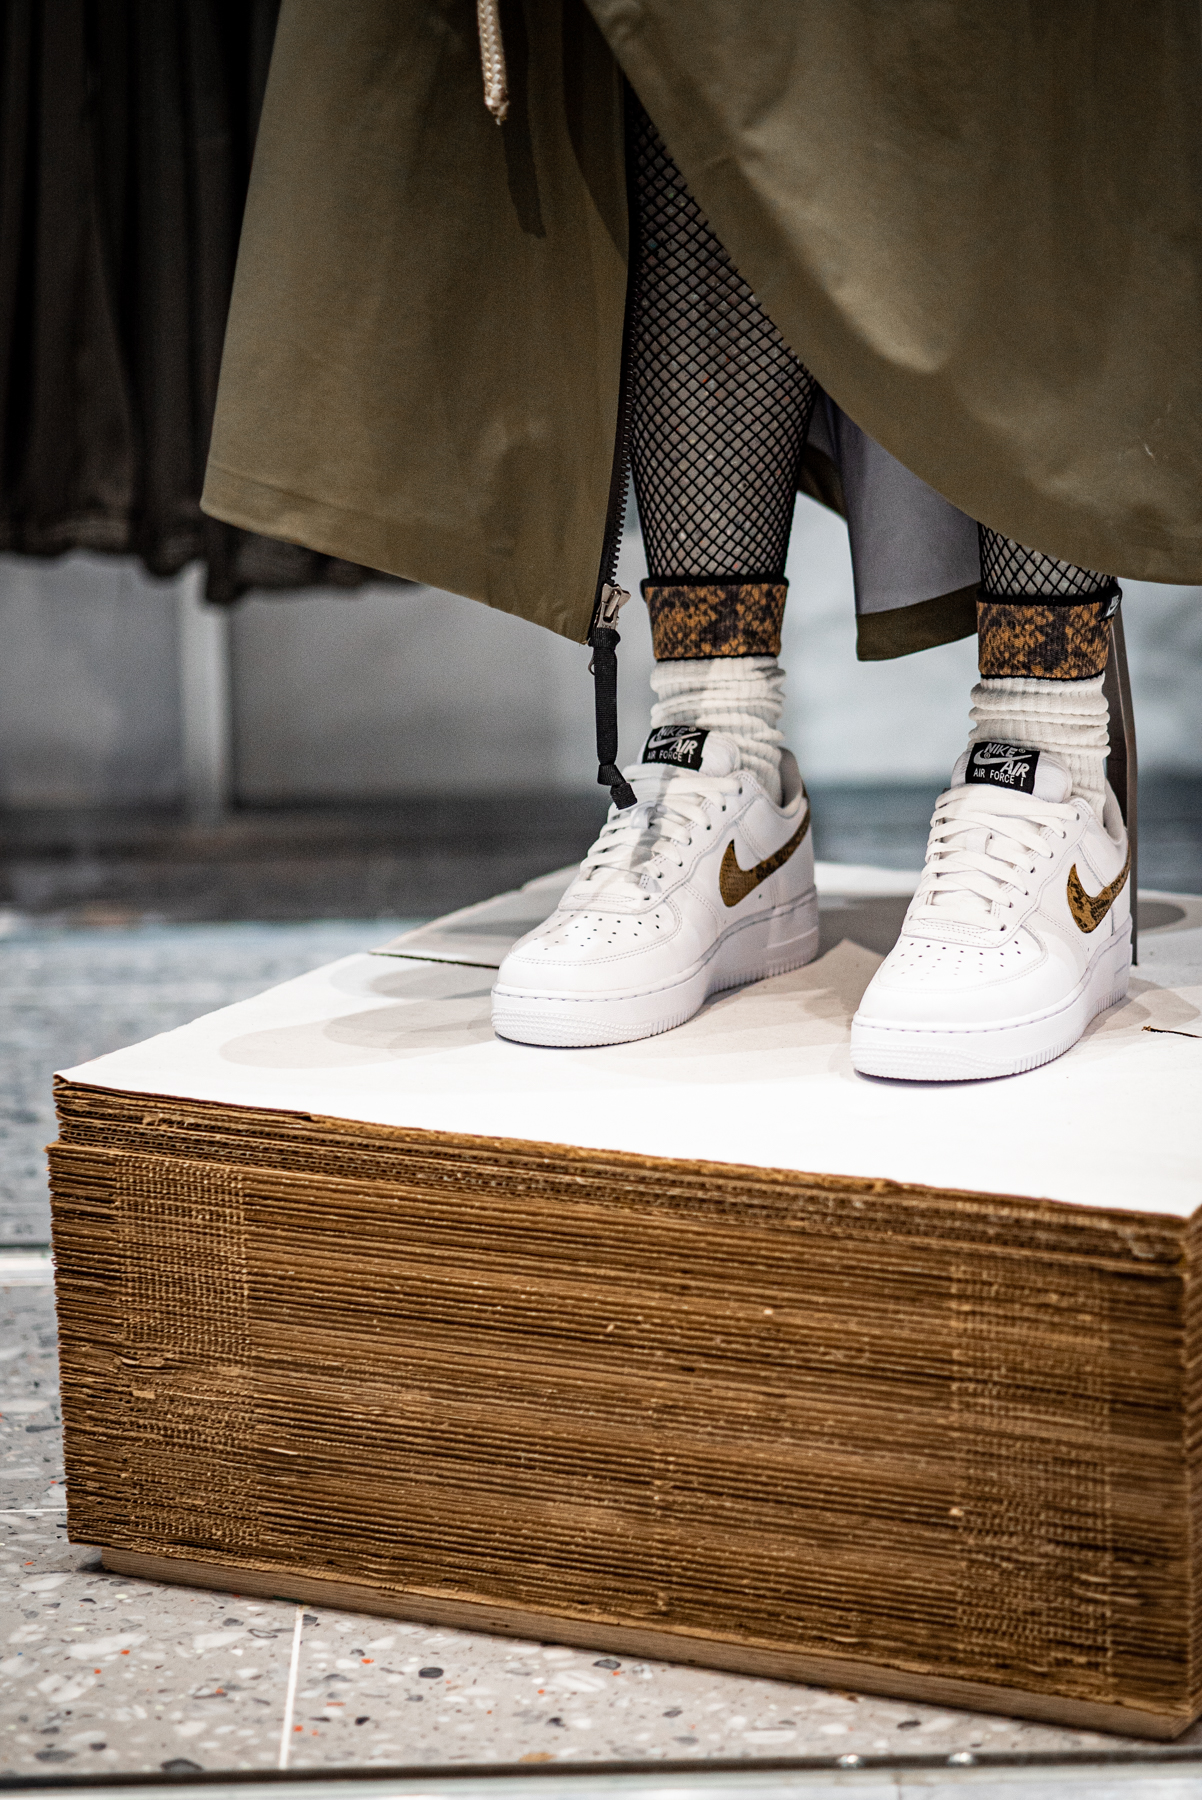 JFENSKE_10113_Satis_Nike_Relab__JTF2799_low_01.jpg